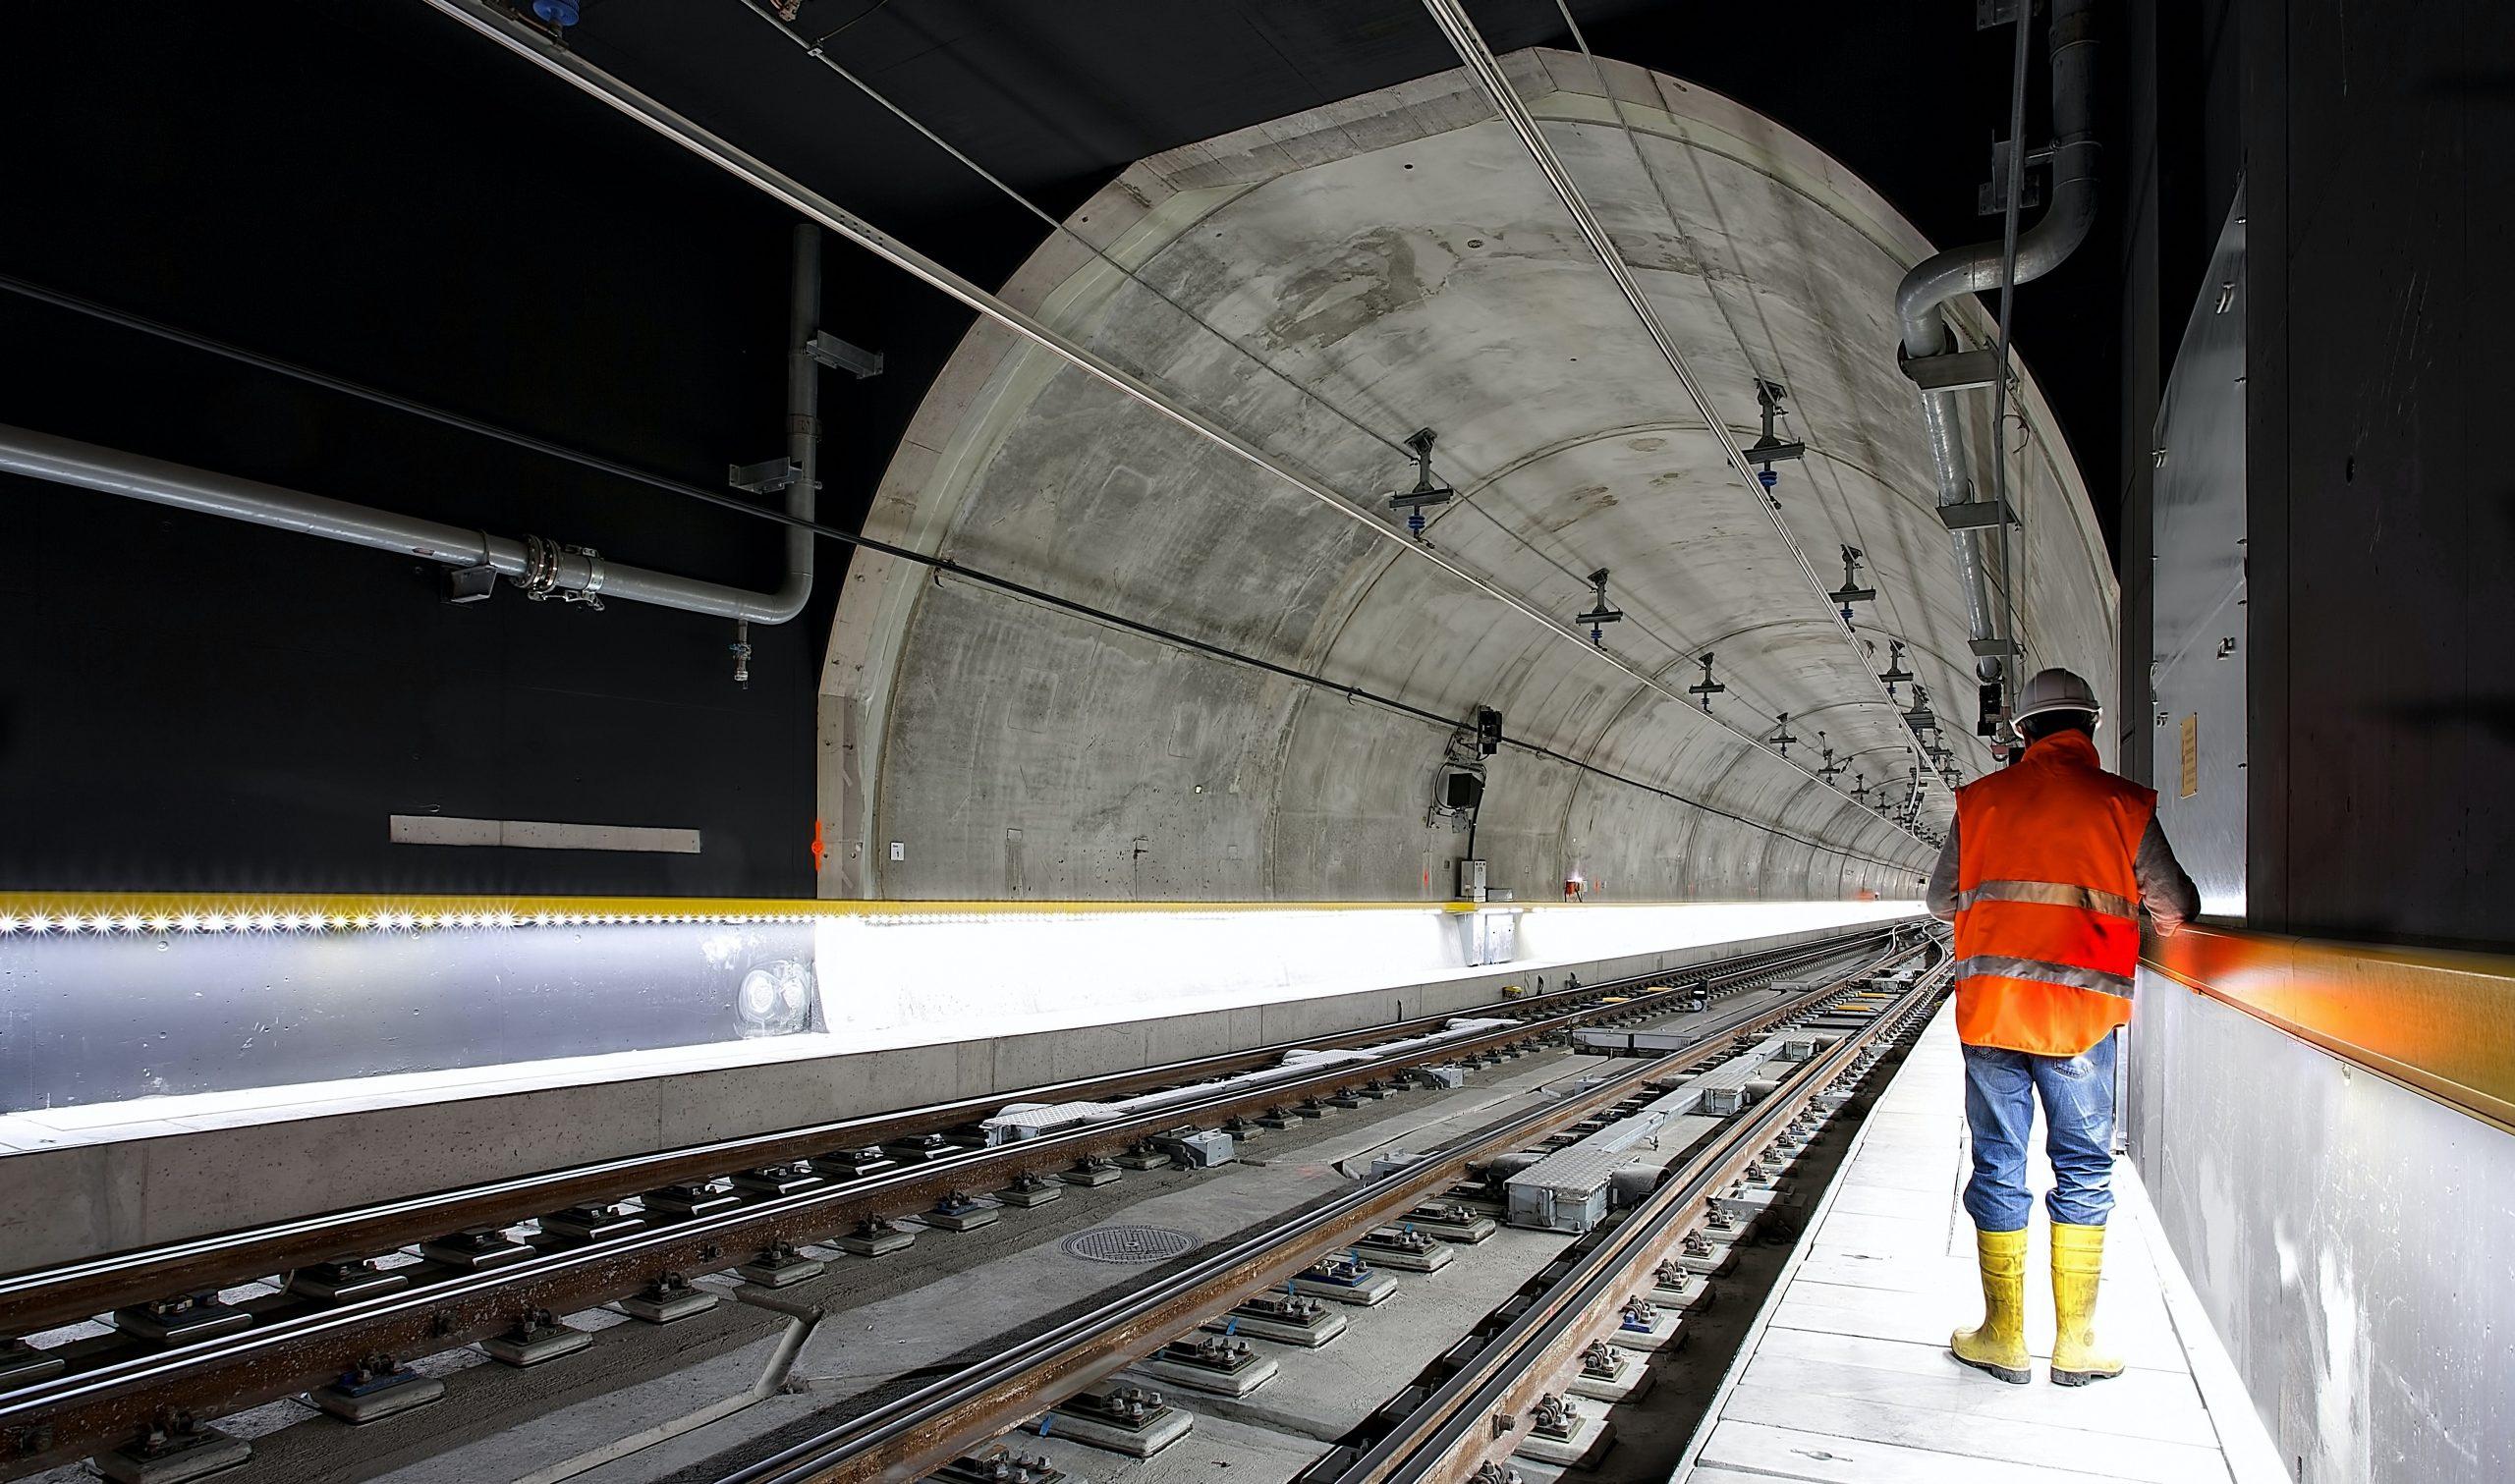 Imagem mostra um homem usando um colete refletivo ao lado de uma linha de trem.